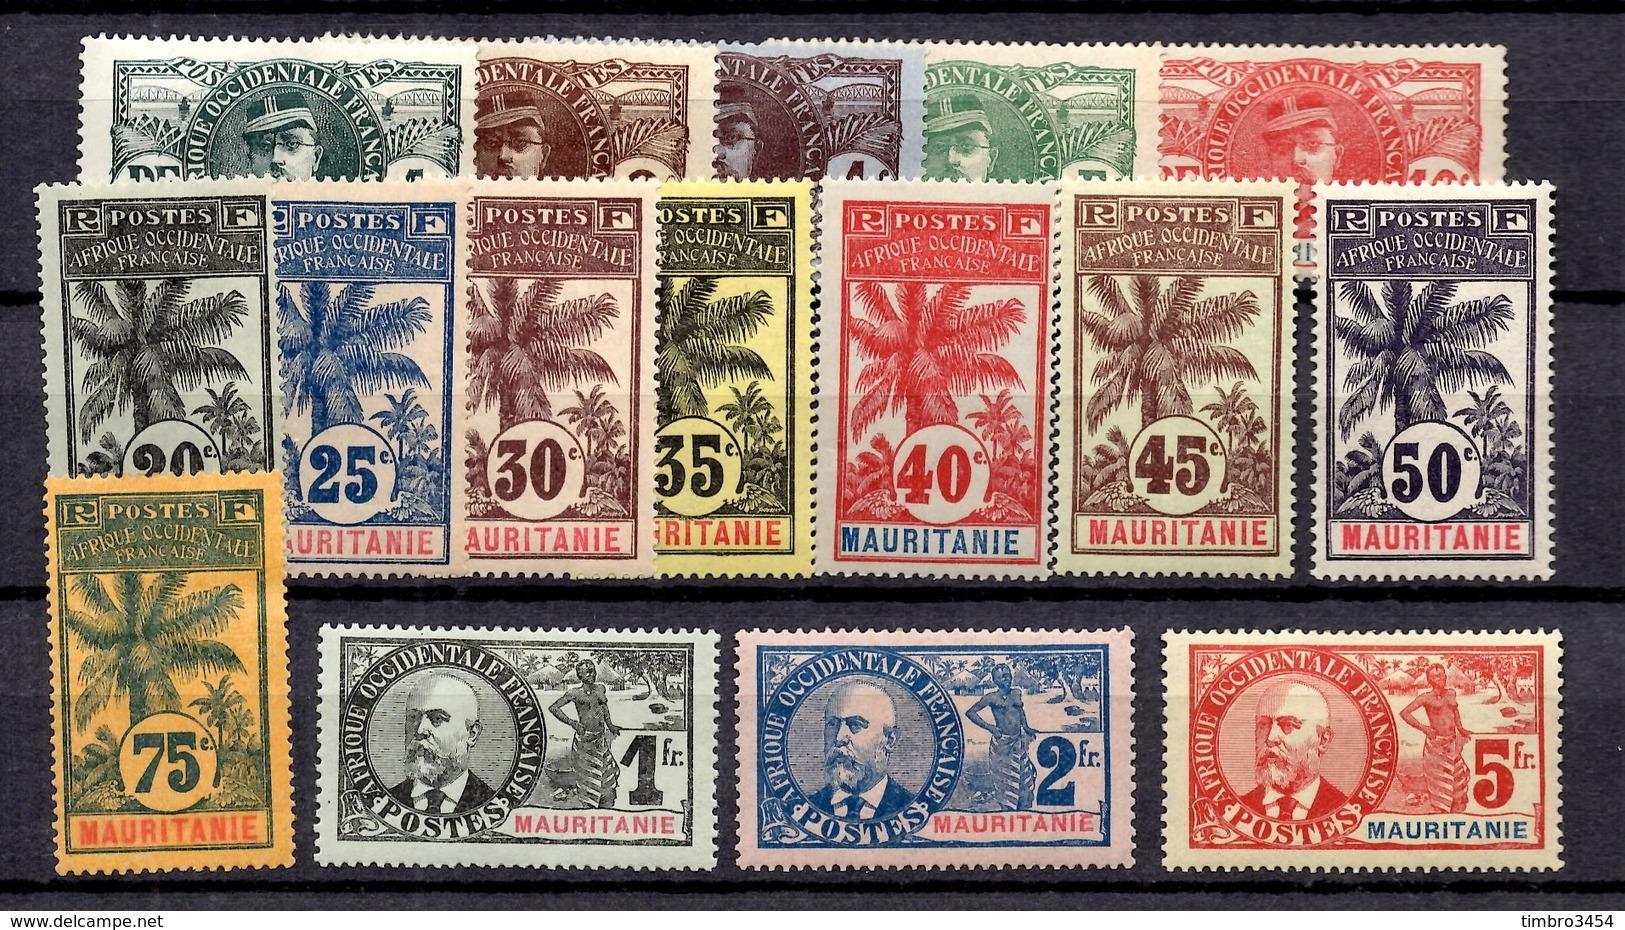 Mauritanie Maury N° 1/16 Neufs *. B/TB. A Saisir! - Mauritanie (1906-1944)